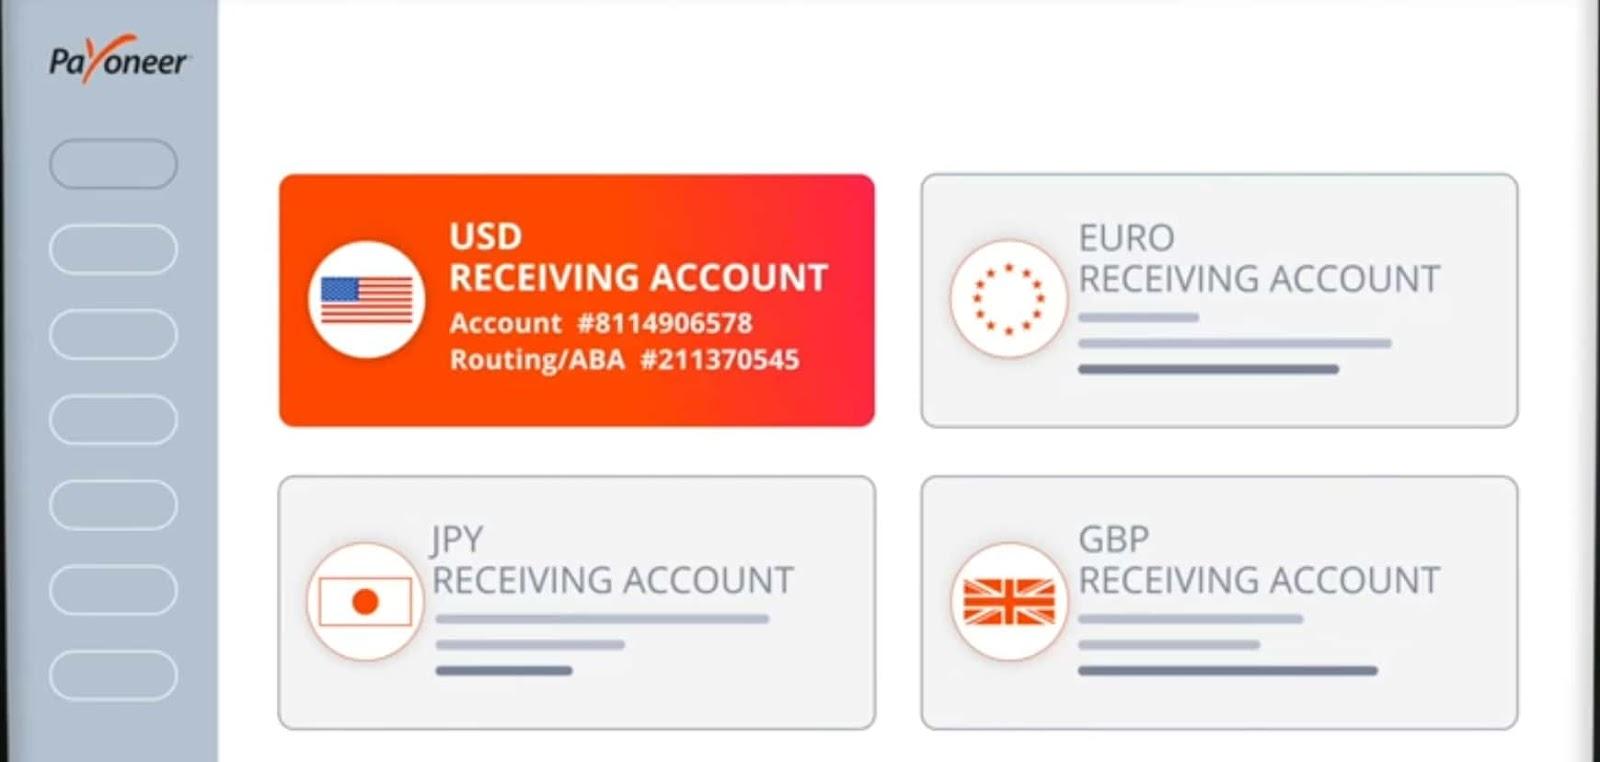 Payoneer receiving bank accounts